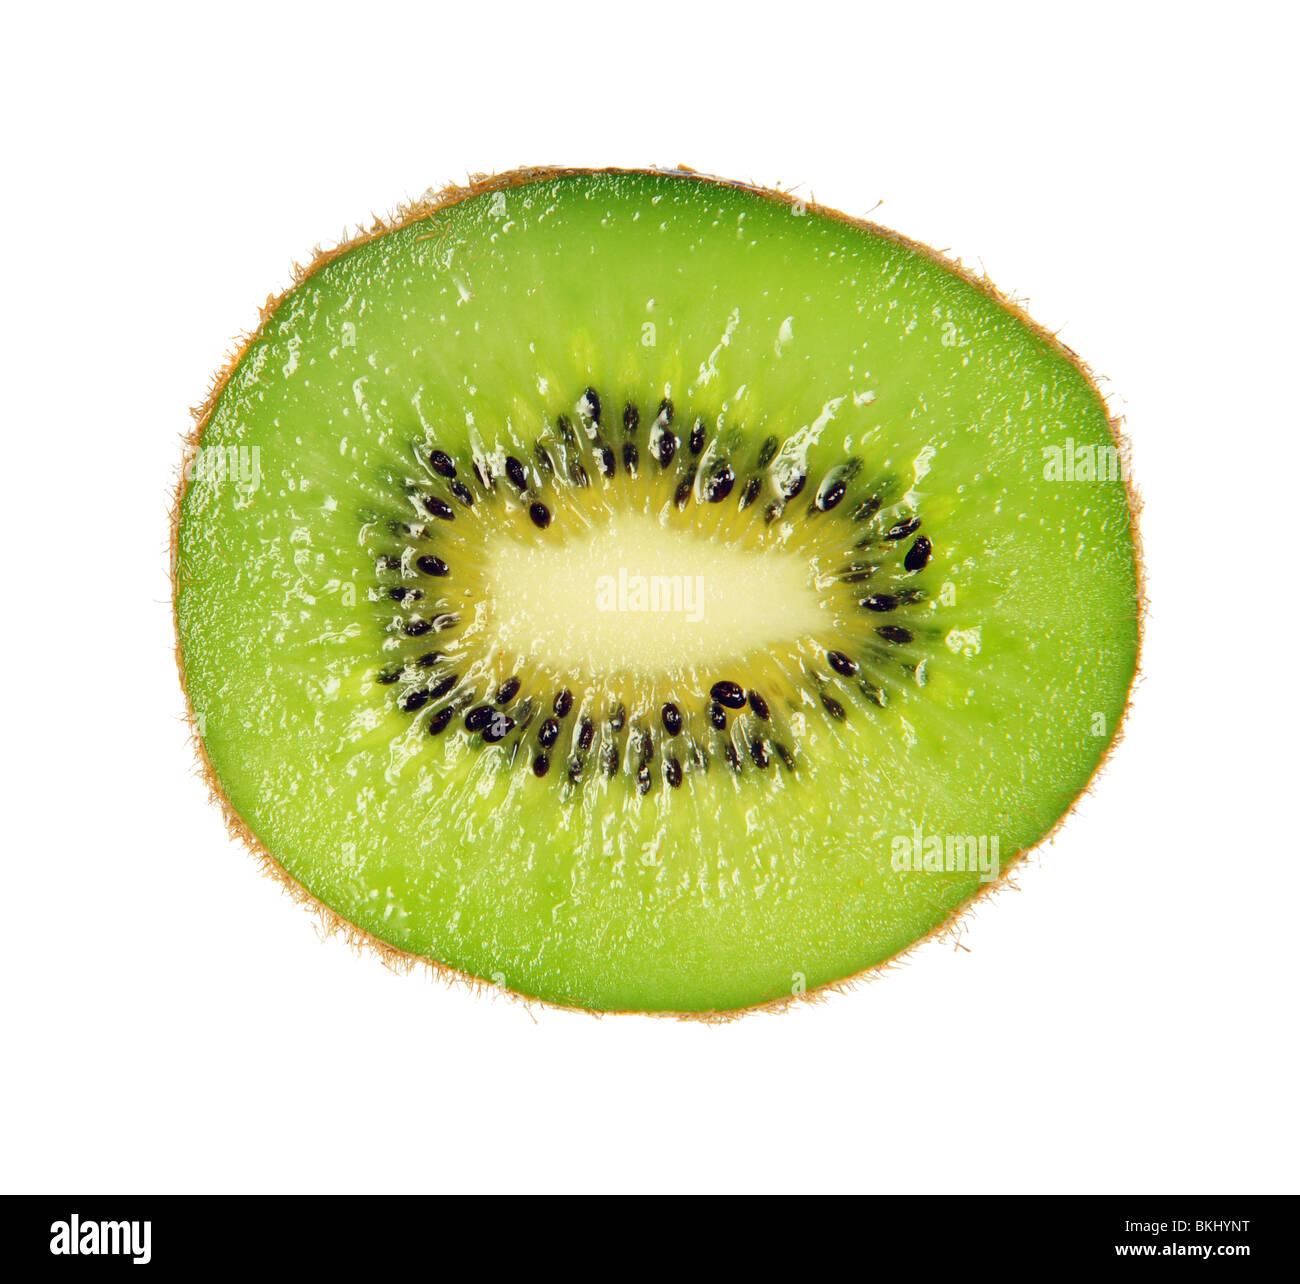 Kiwi fruit slice isolated on white background - Stock Image